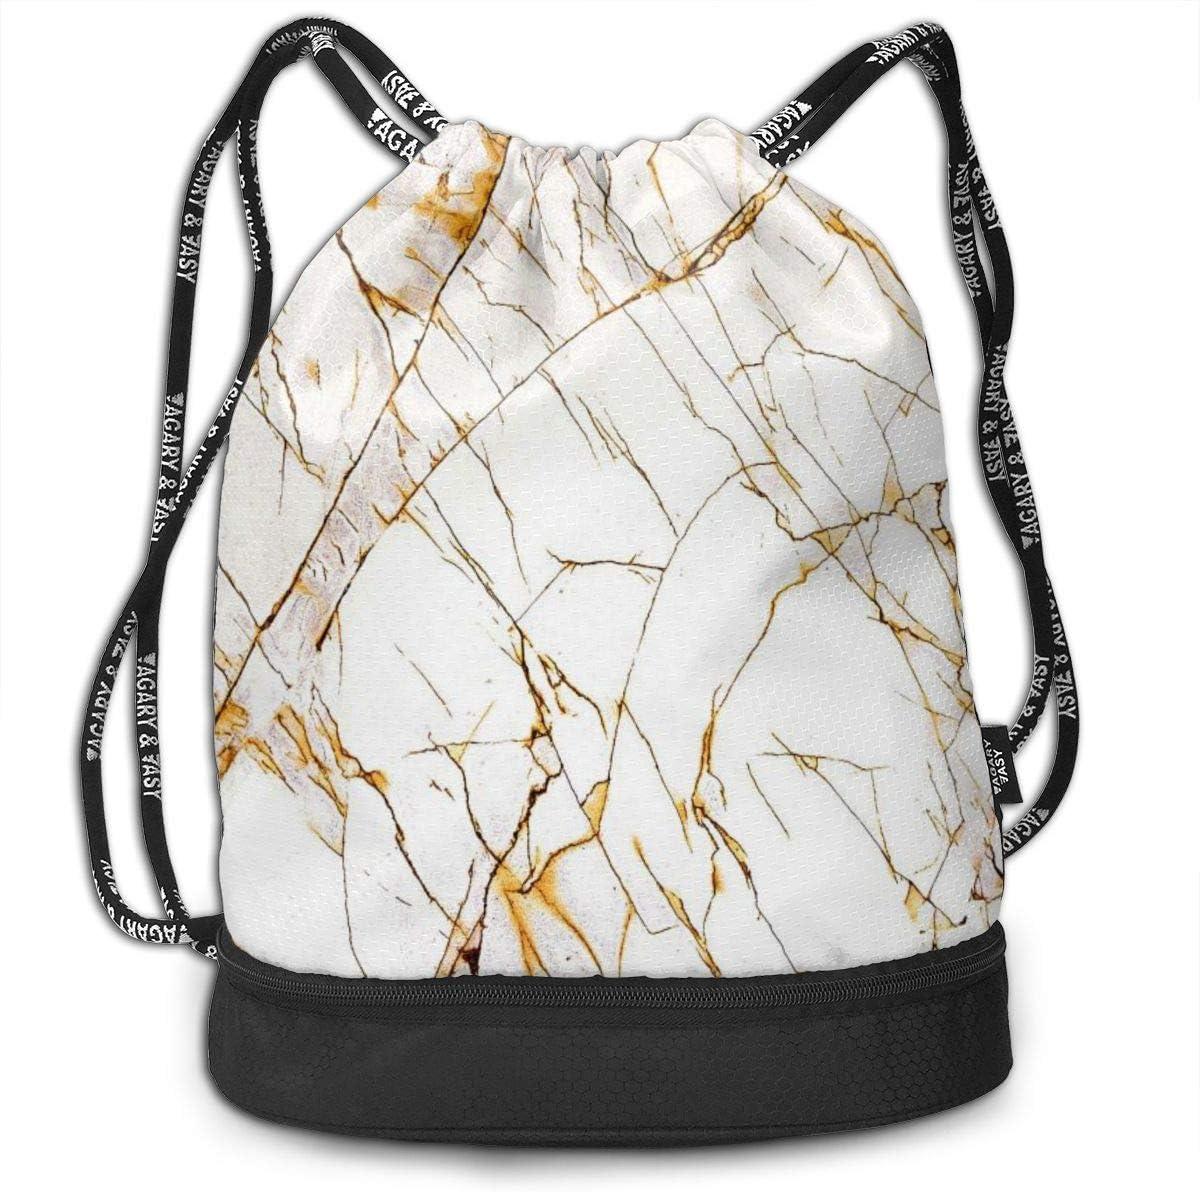 GymSack Drawstring Bag Sackpack Marble Pattern Sport Cinch Pack Simple Bundle Pocke Backpack For Men Women